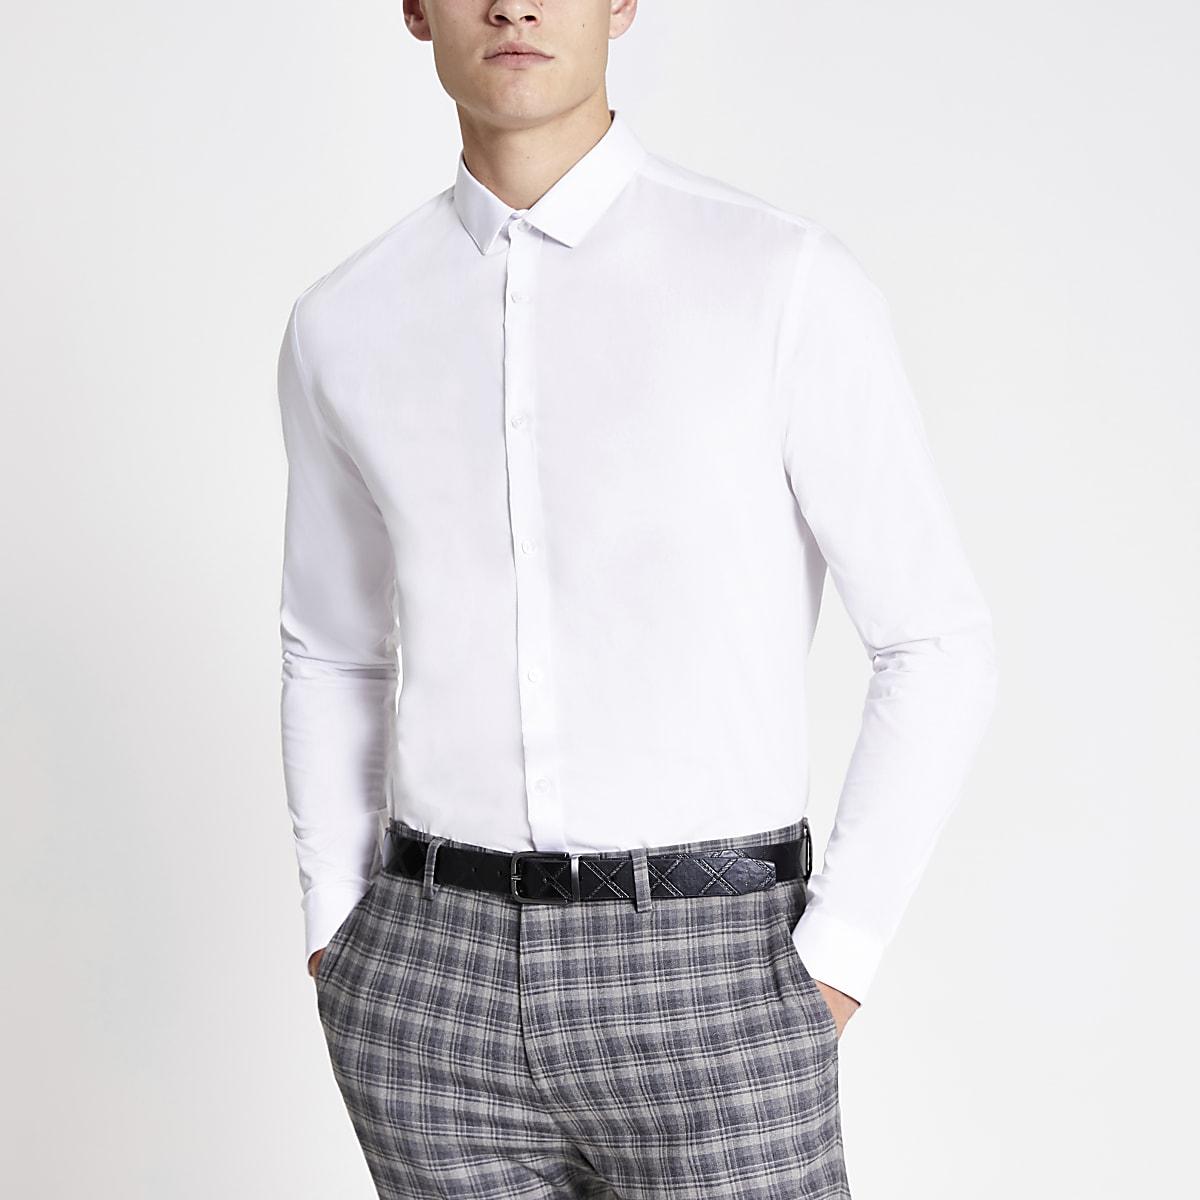 Overhemd Wit Slim Fit.Wit Slim Fit Overhemd Met Lange Mouwen Overhemden Met Lange Mouwen